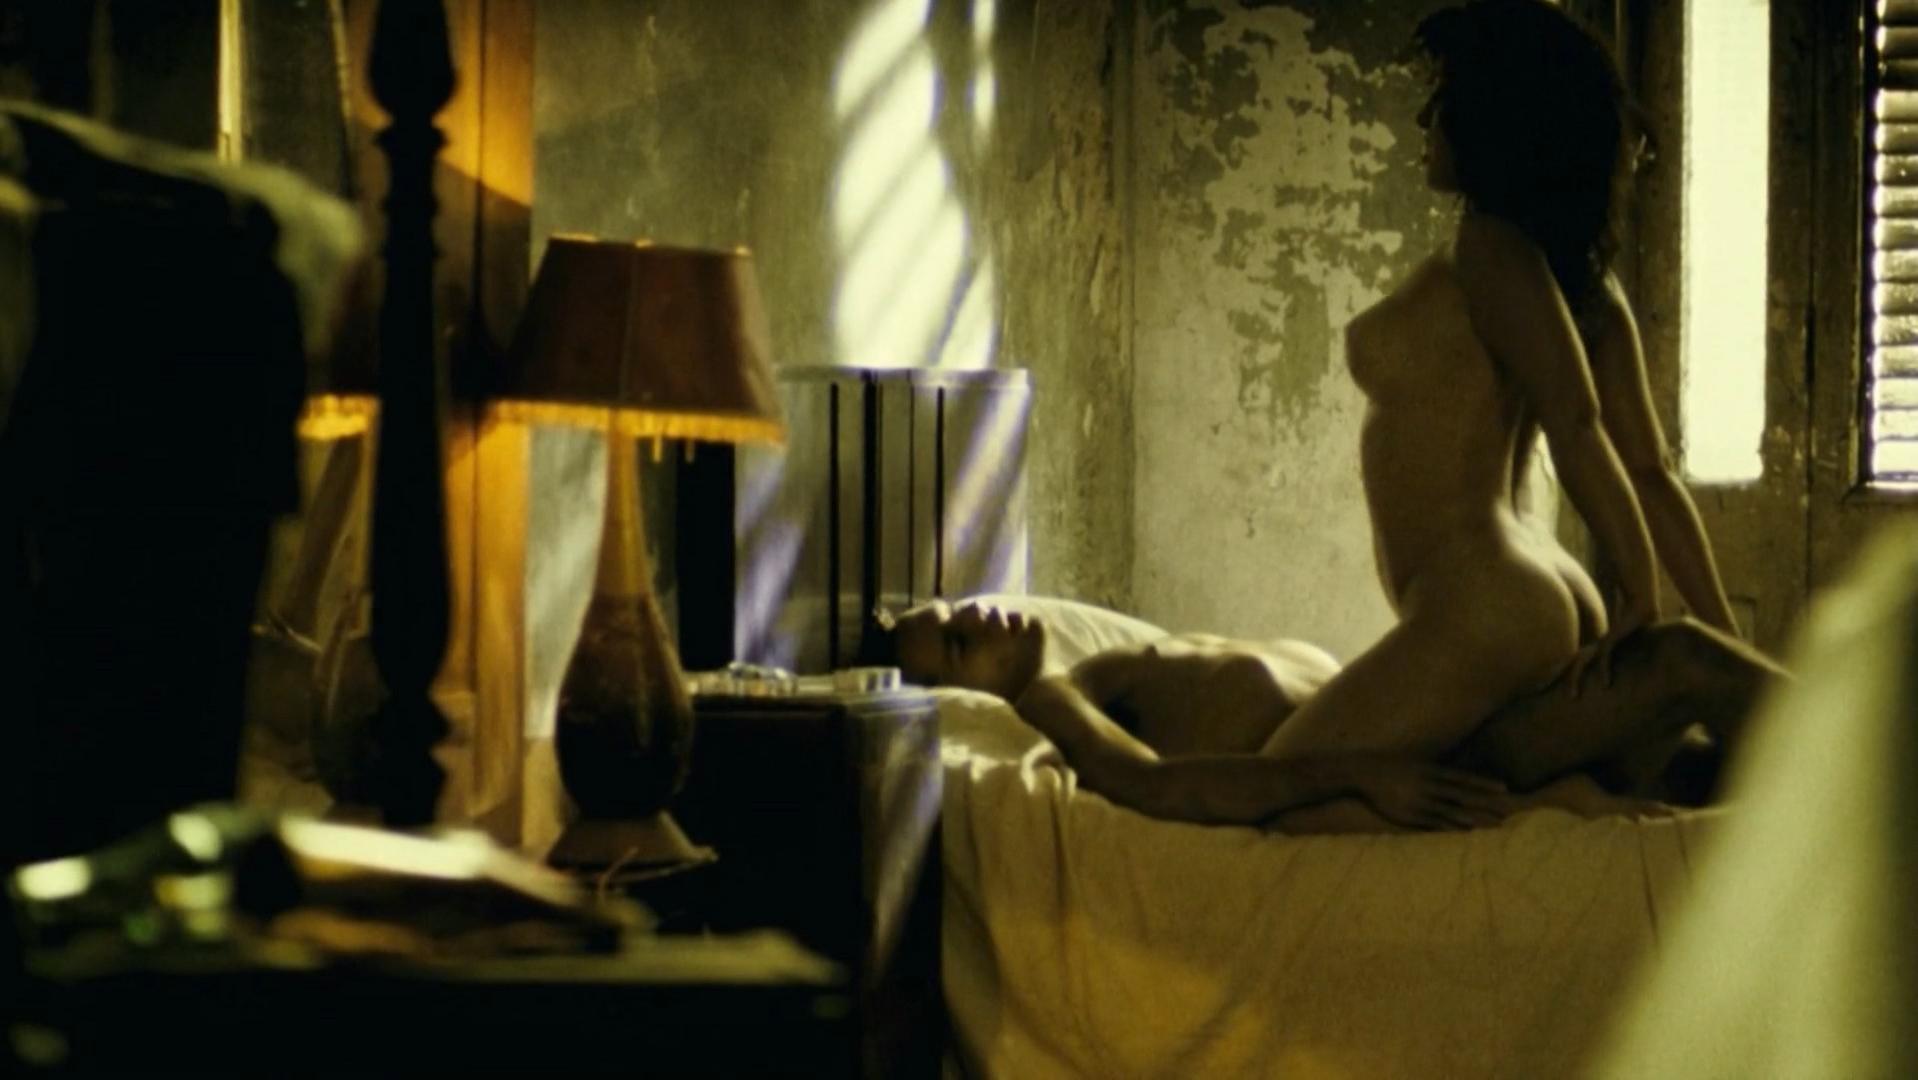 Natalia verbeke nude in el otro lado de la cama - 3 2